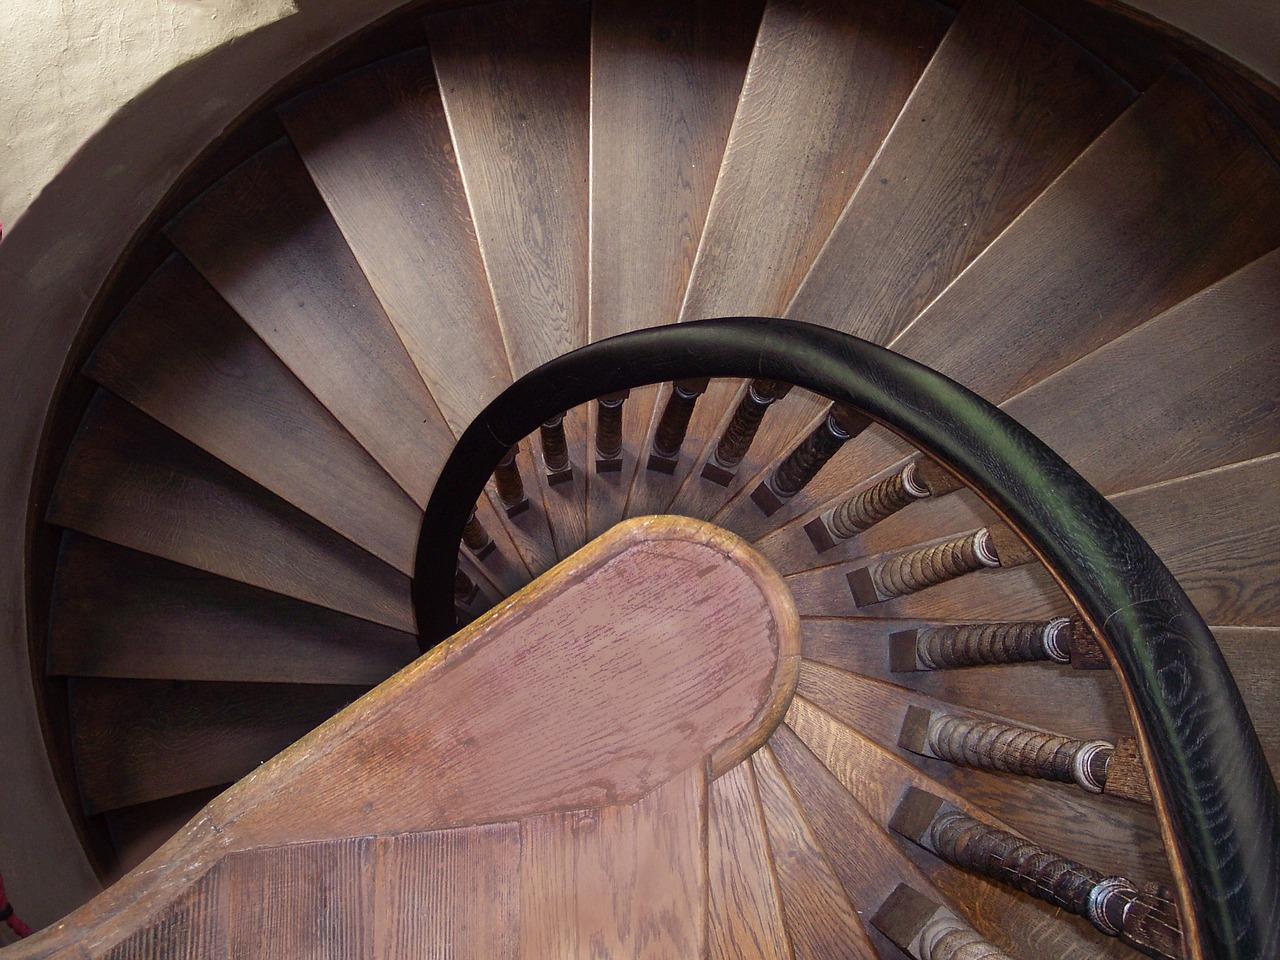 Dimensioni Scale A Chiocciola Quadrate scale a chiocciola in legno: scegli lo stle che più ti piace